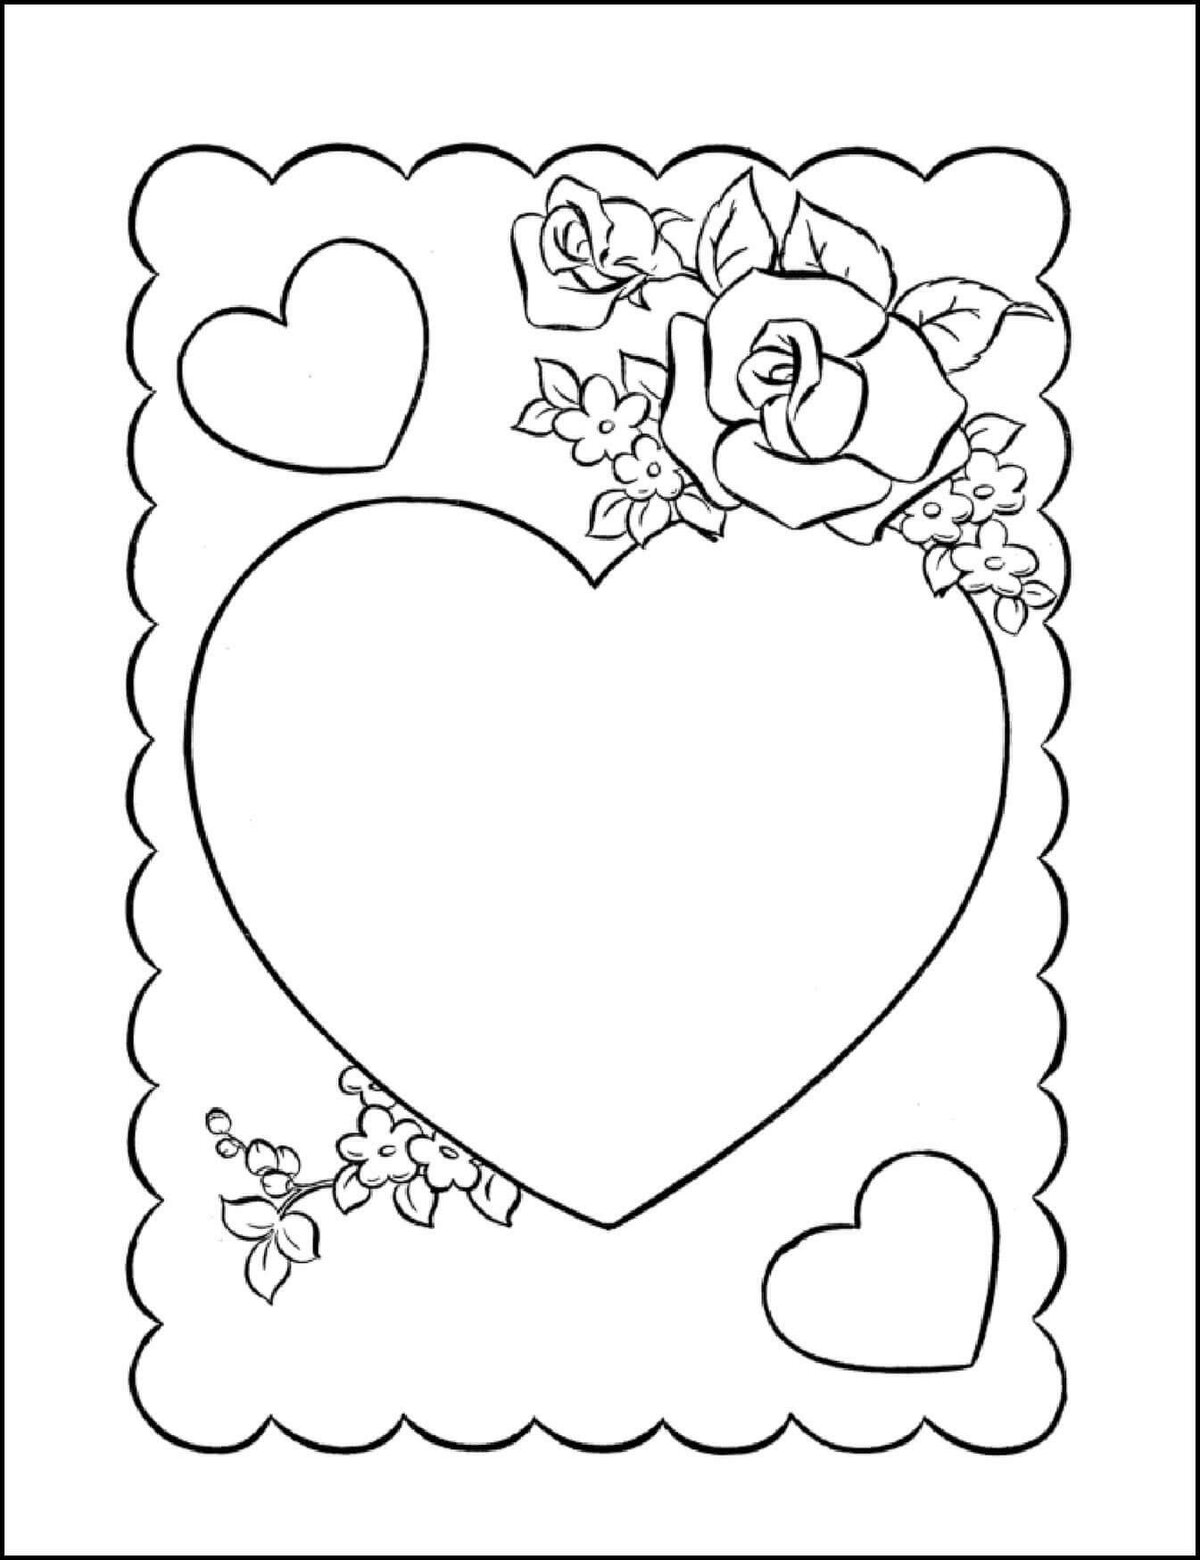 Распечатать открытку на день святого валентина